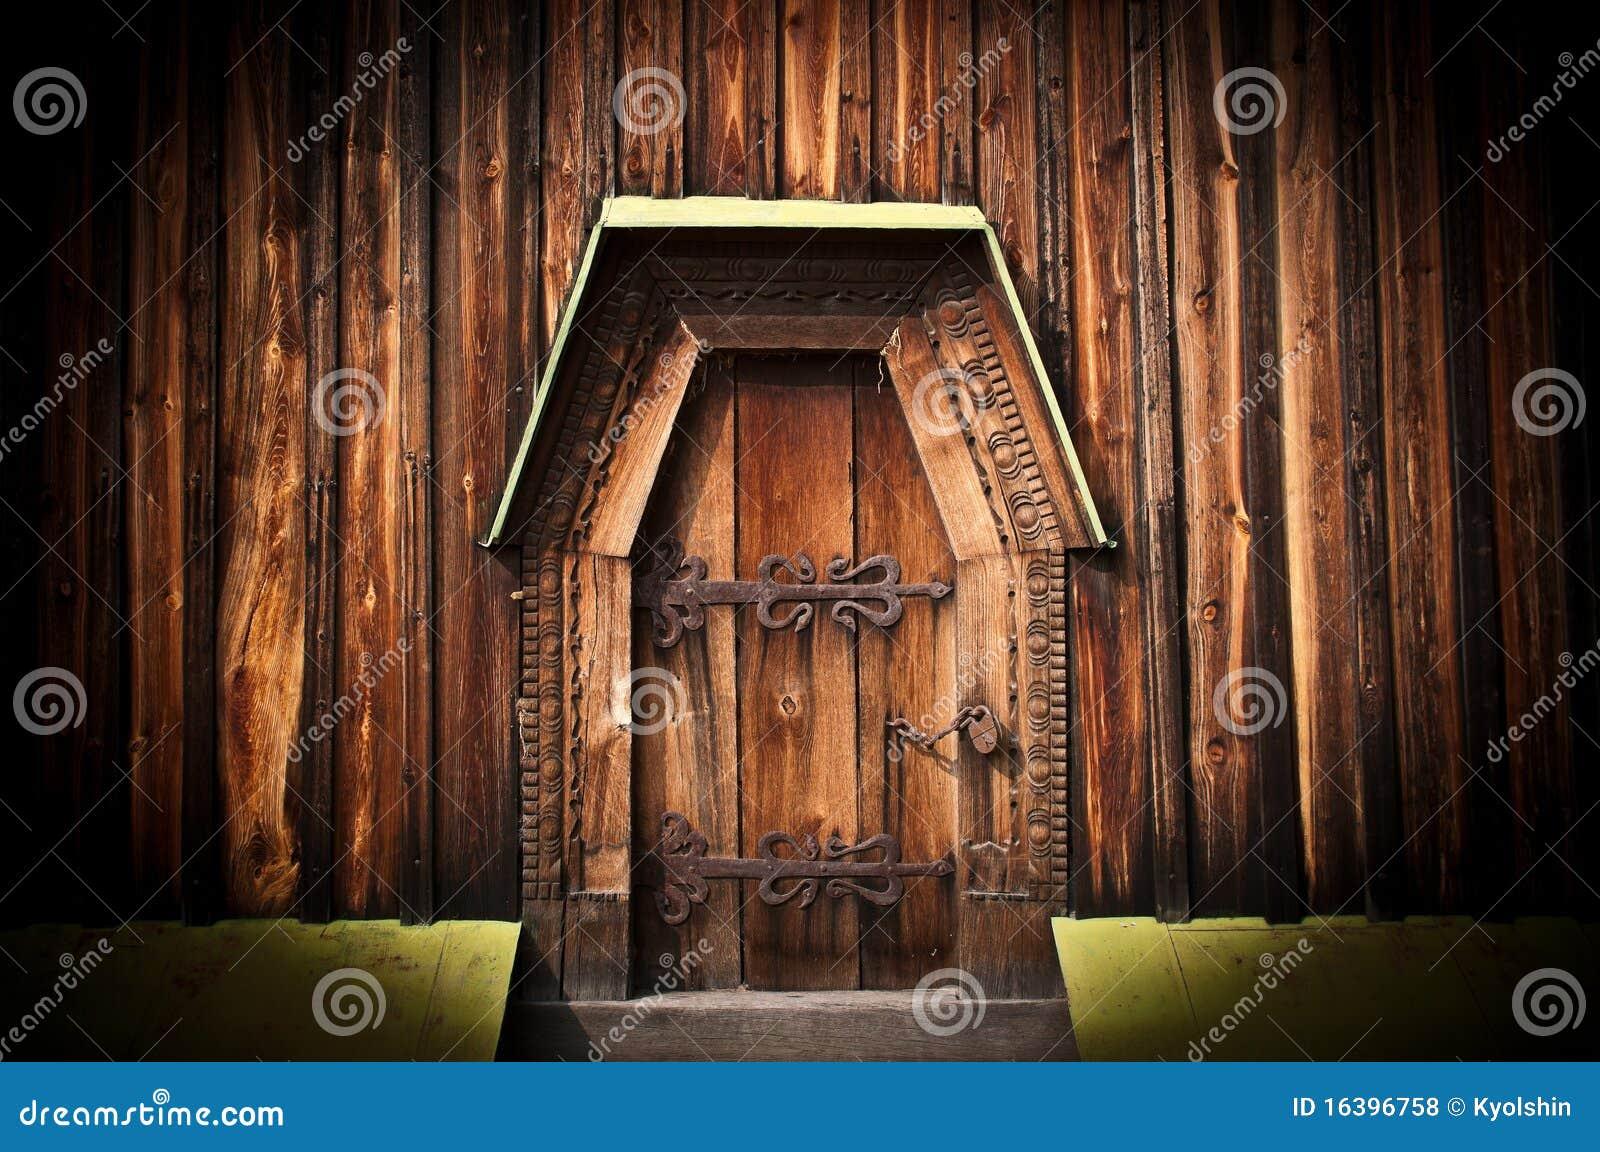 Magic Door Royalty Free Stock Photos Image 16396758